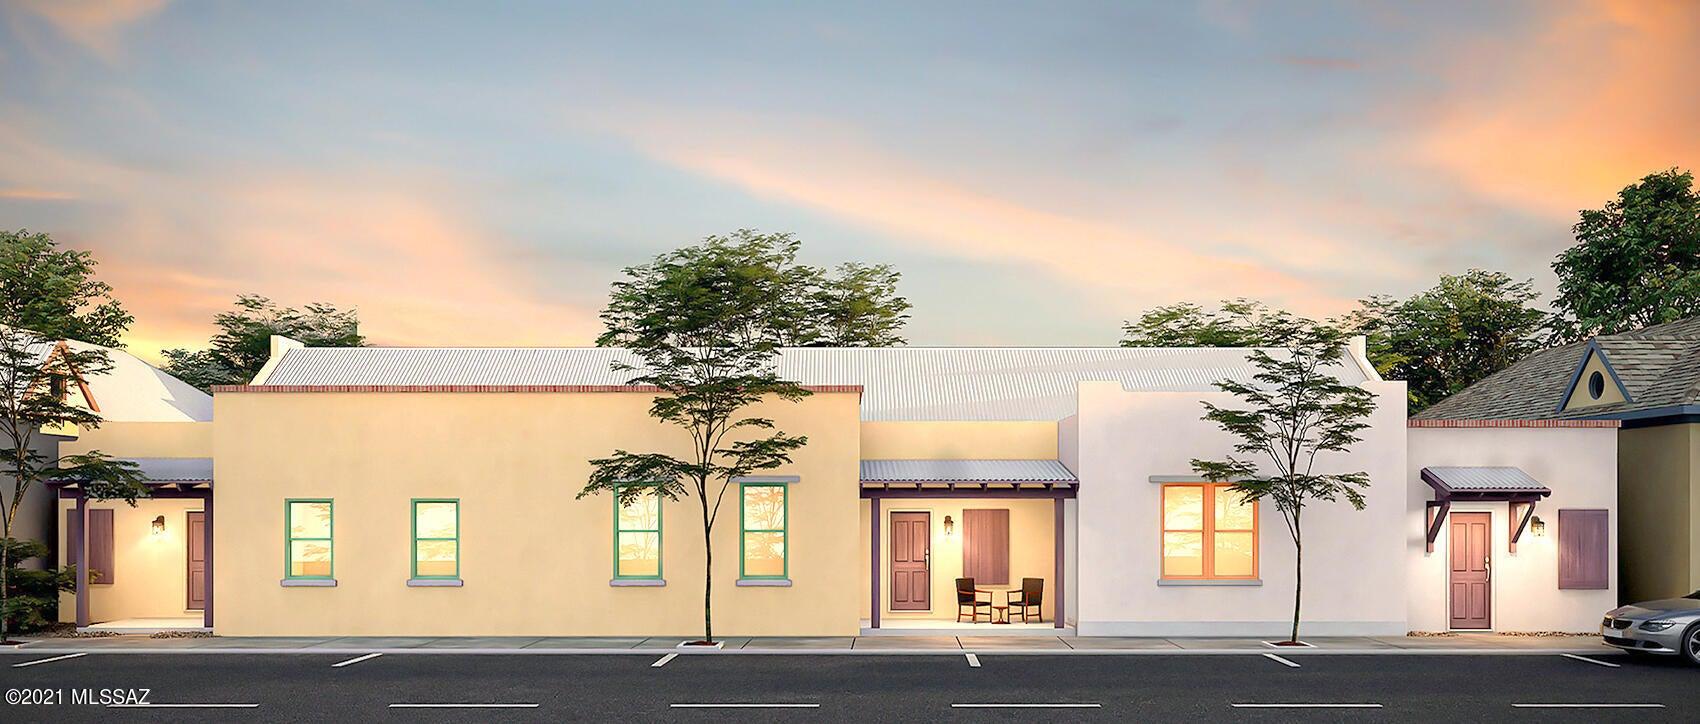 432 S Meyer Avenue, Tucson, AZ 85701